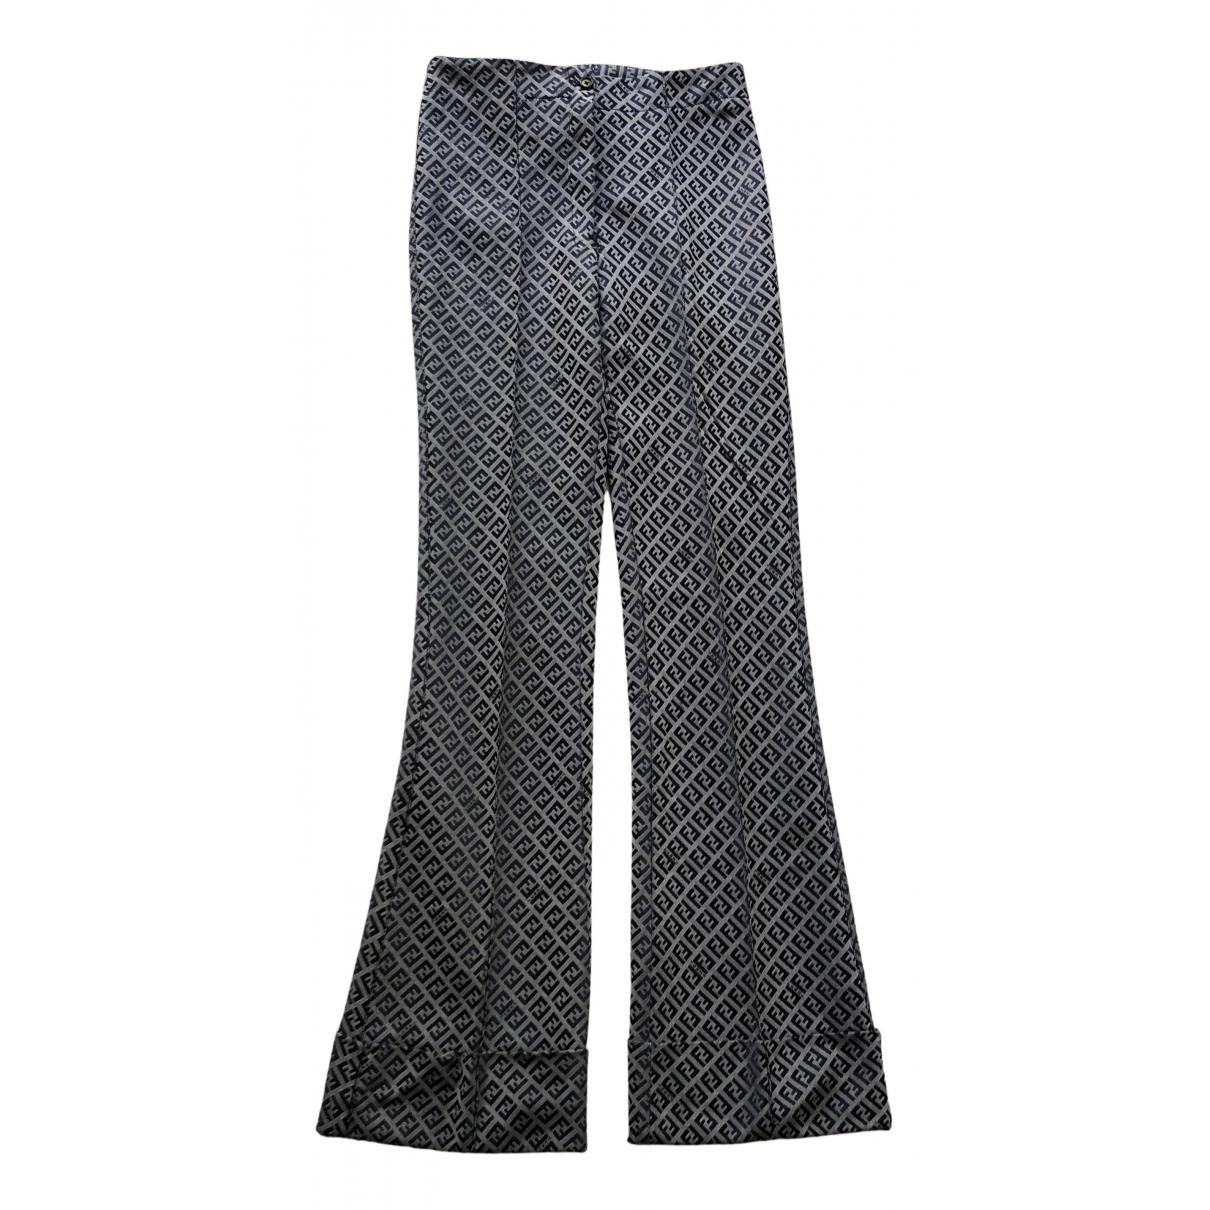 Pantalon de Lona Fendi